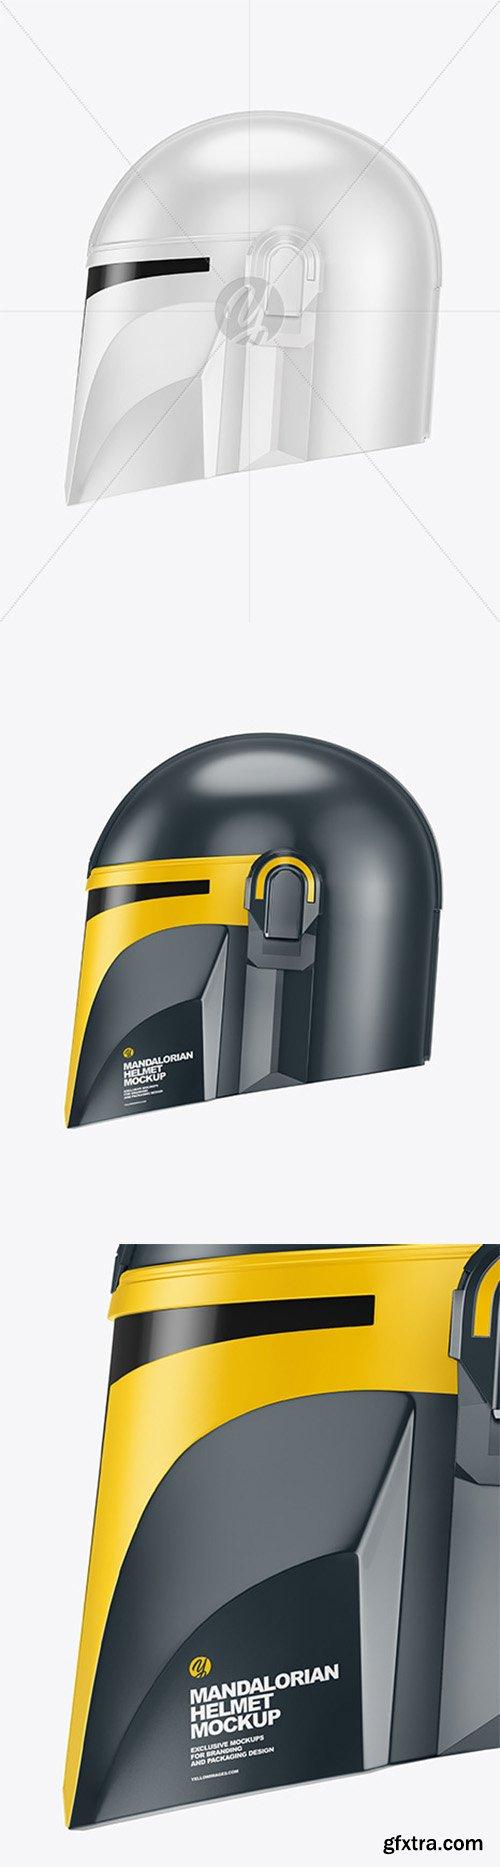 Mandalorian Helmet Mockup 80802